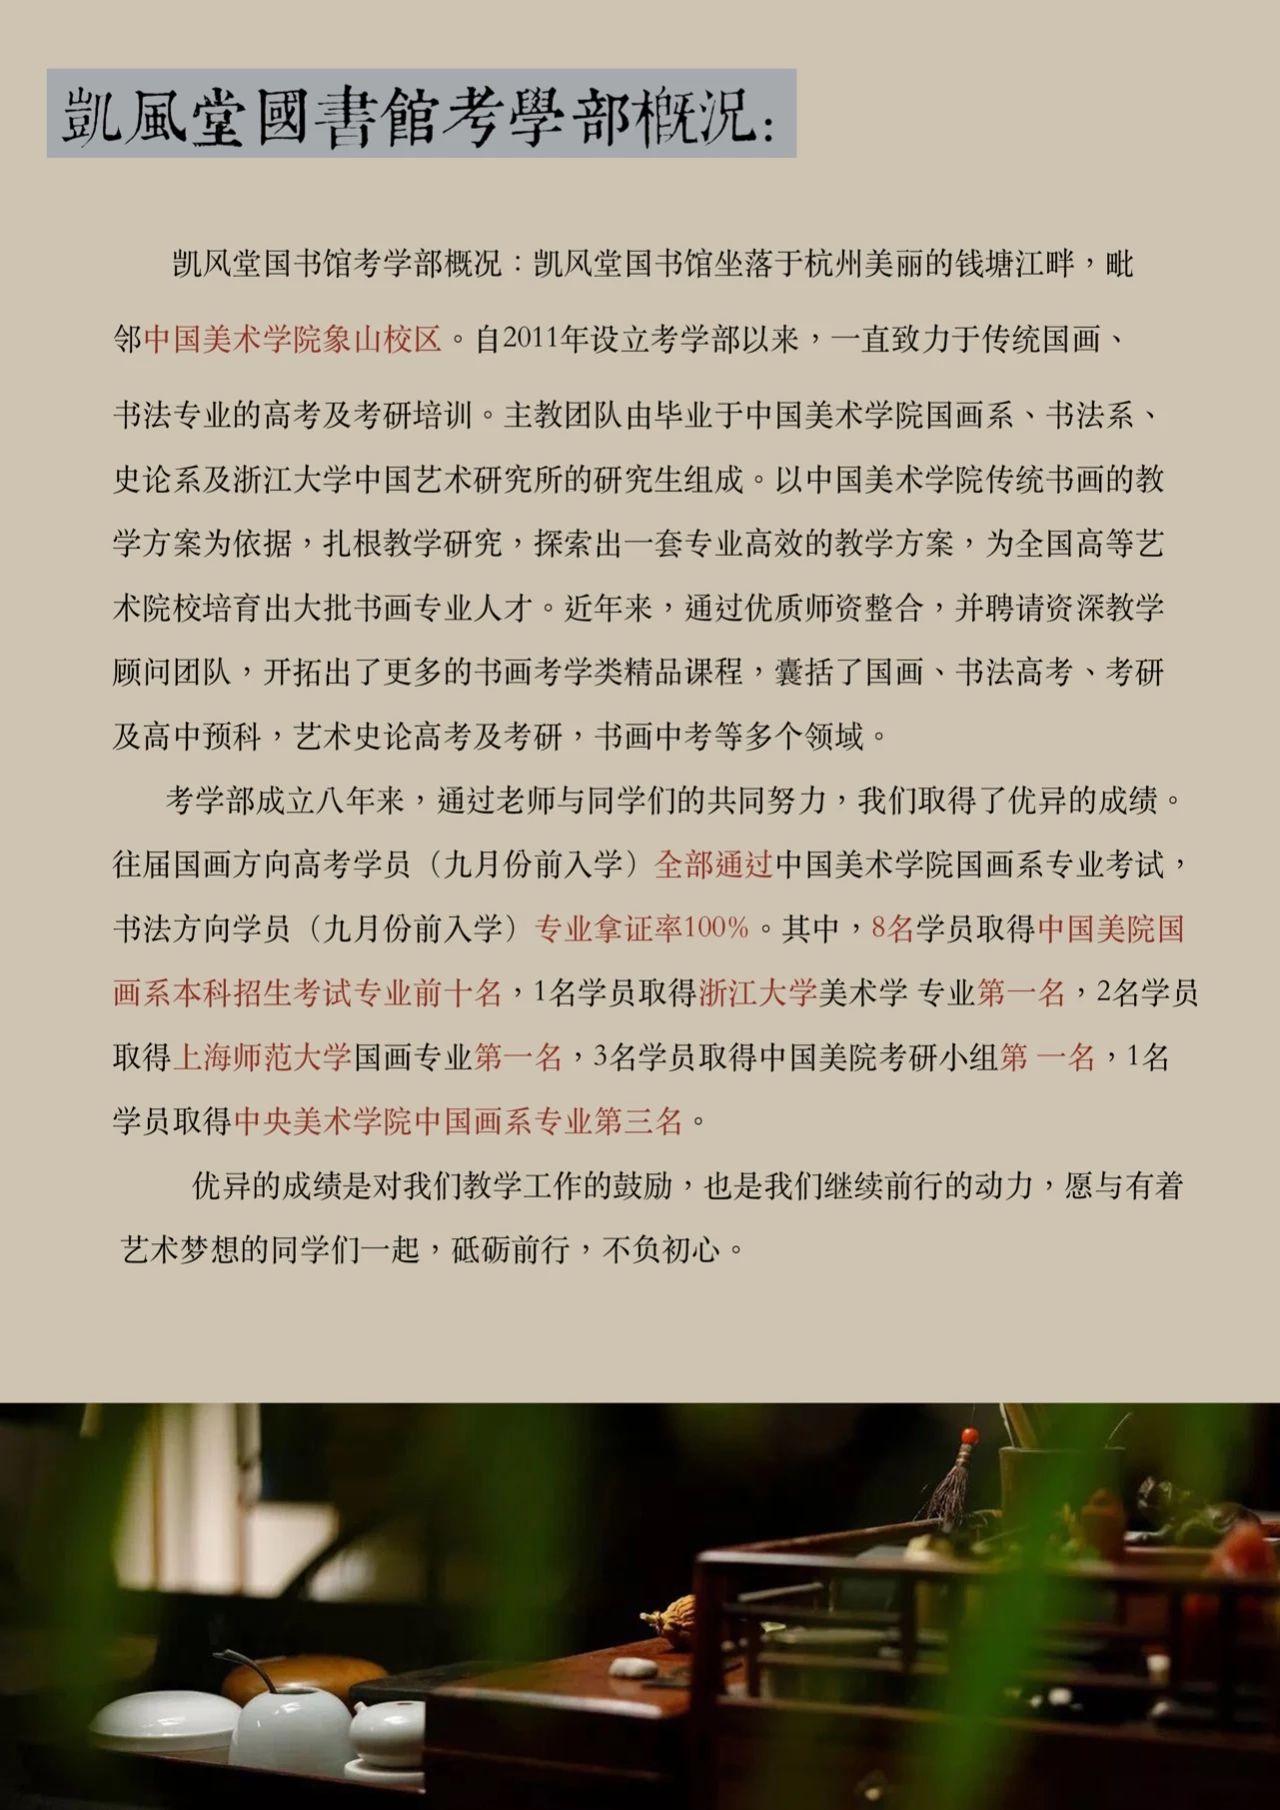 吴越图书馆概况